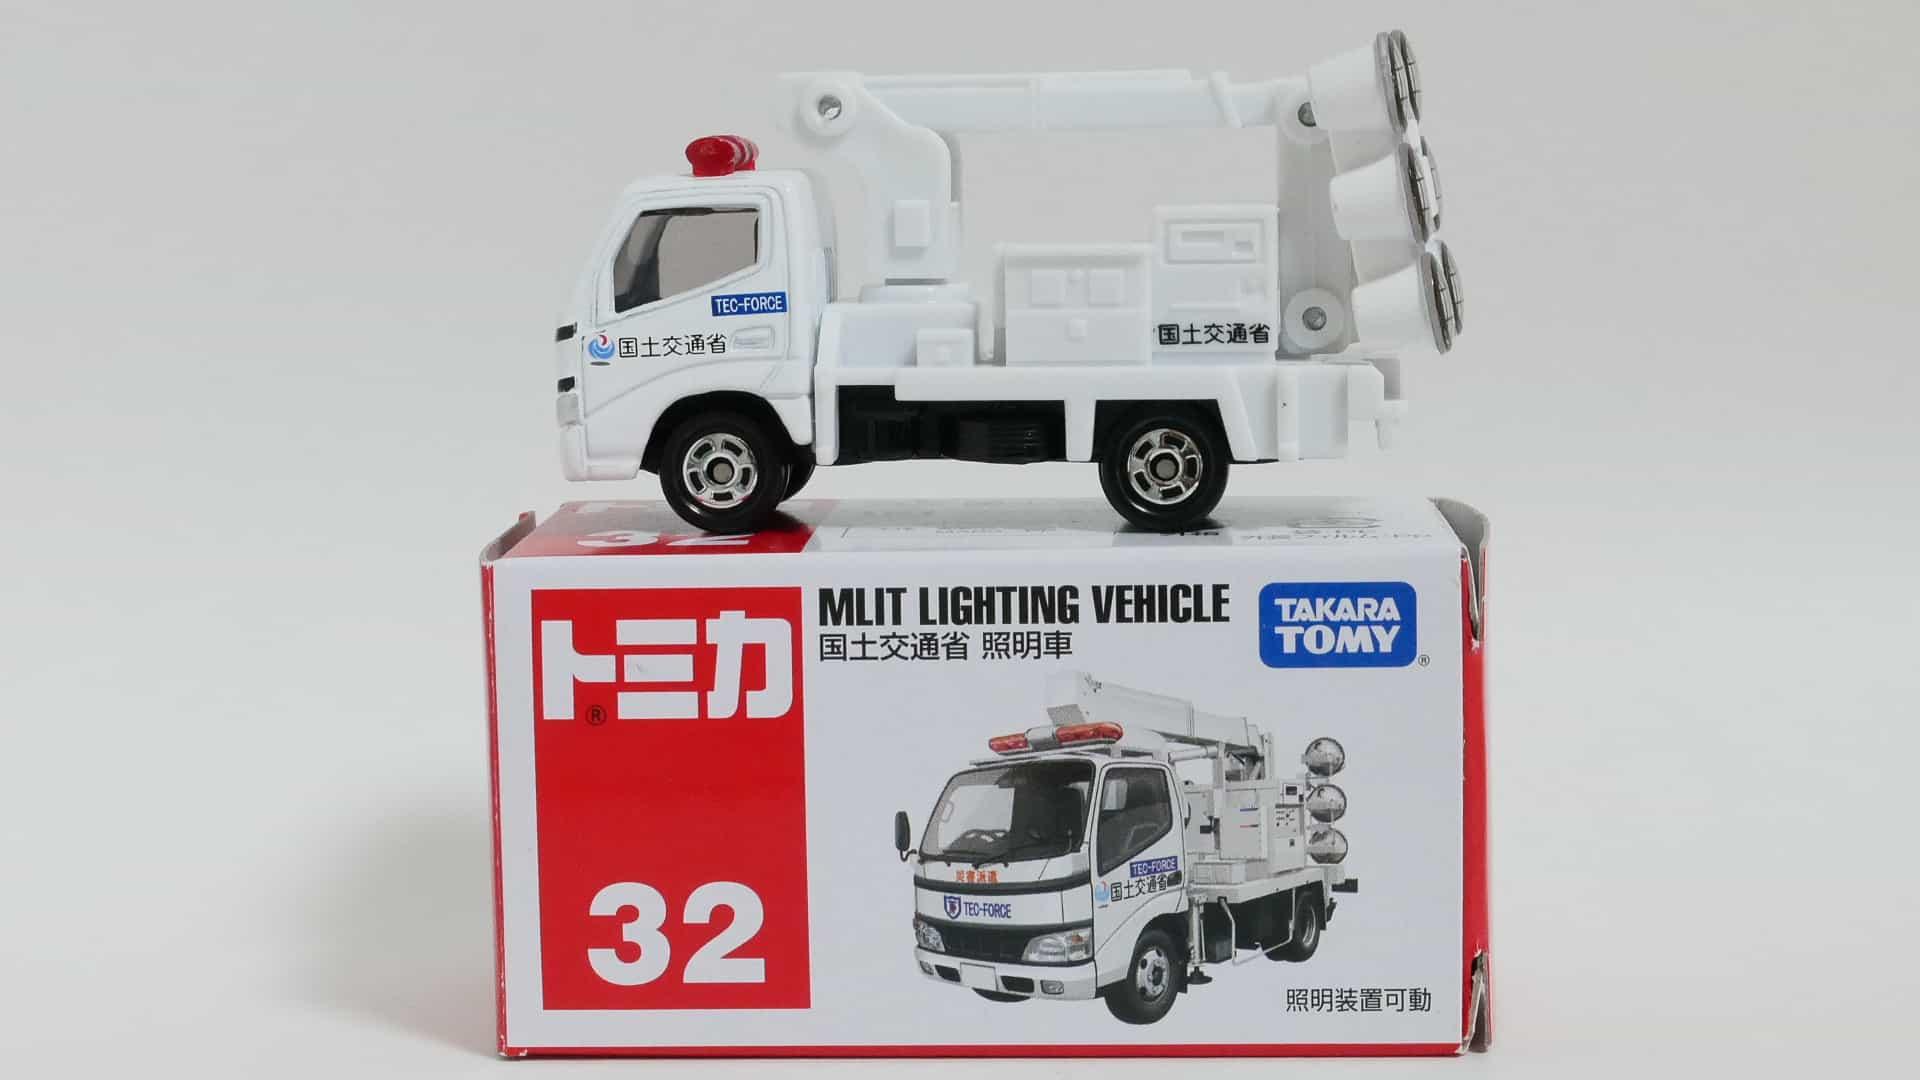 トミカNo.32-10国土交通省照明車-箱